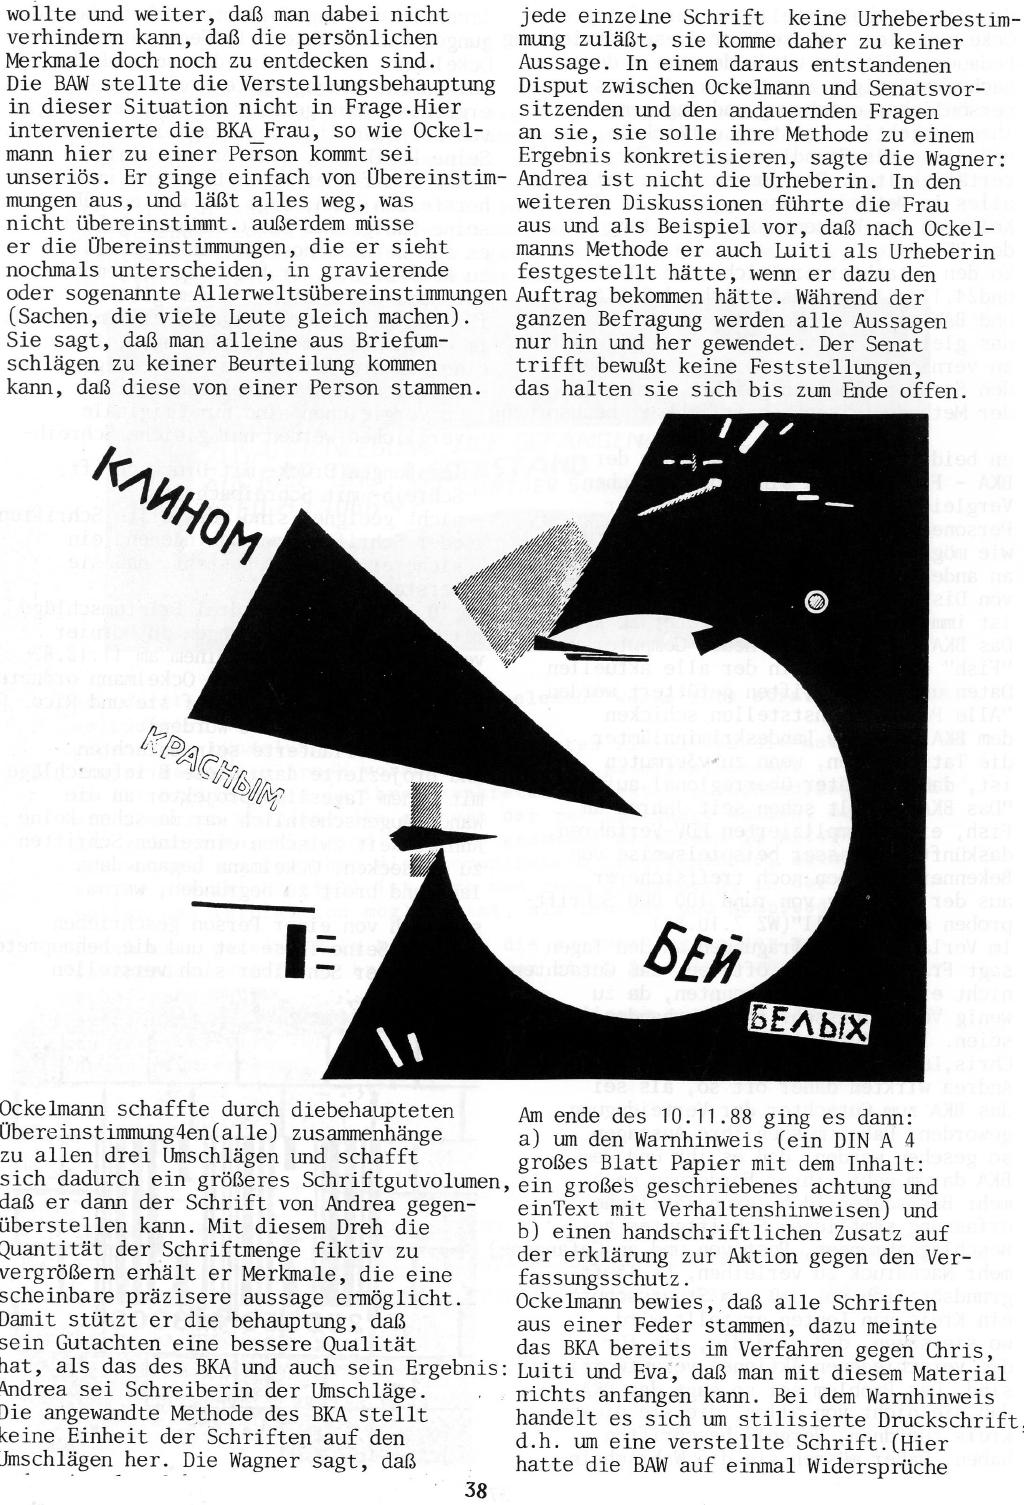 Duesseldorf_1989_Sechs_Politische_Gefangene_038